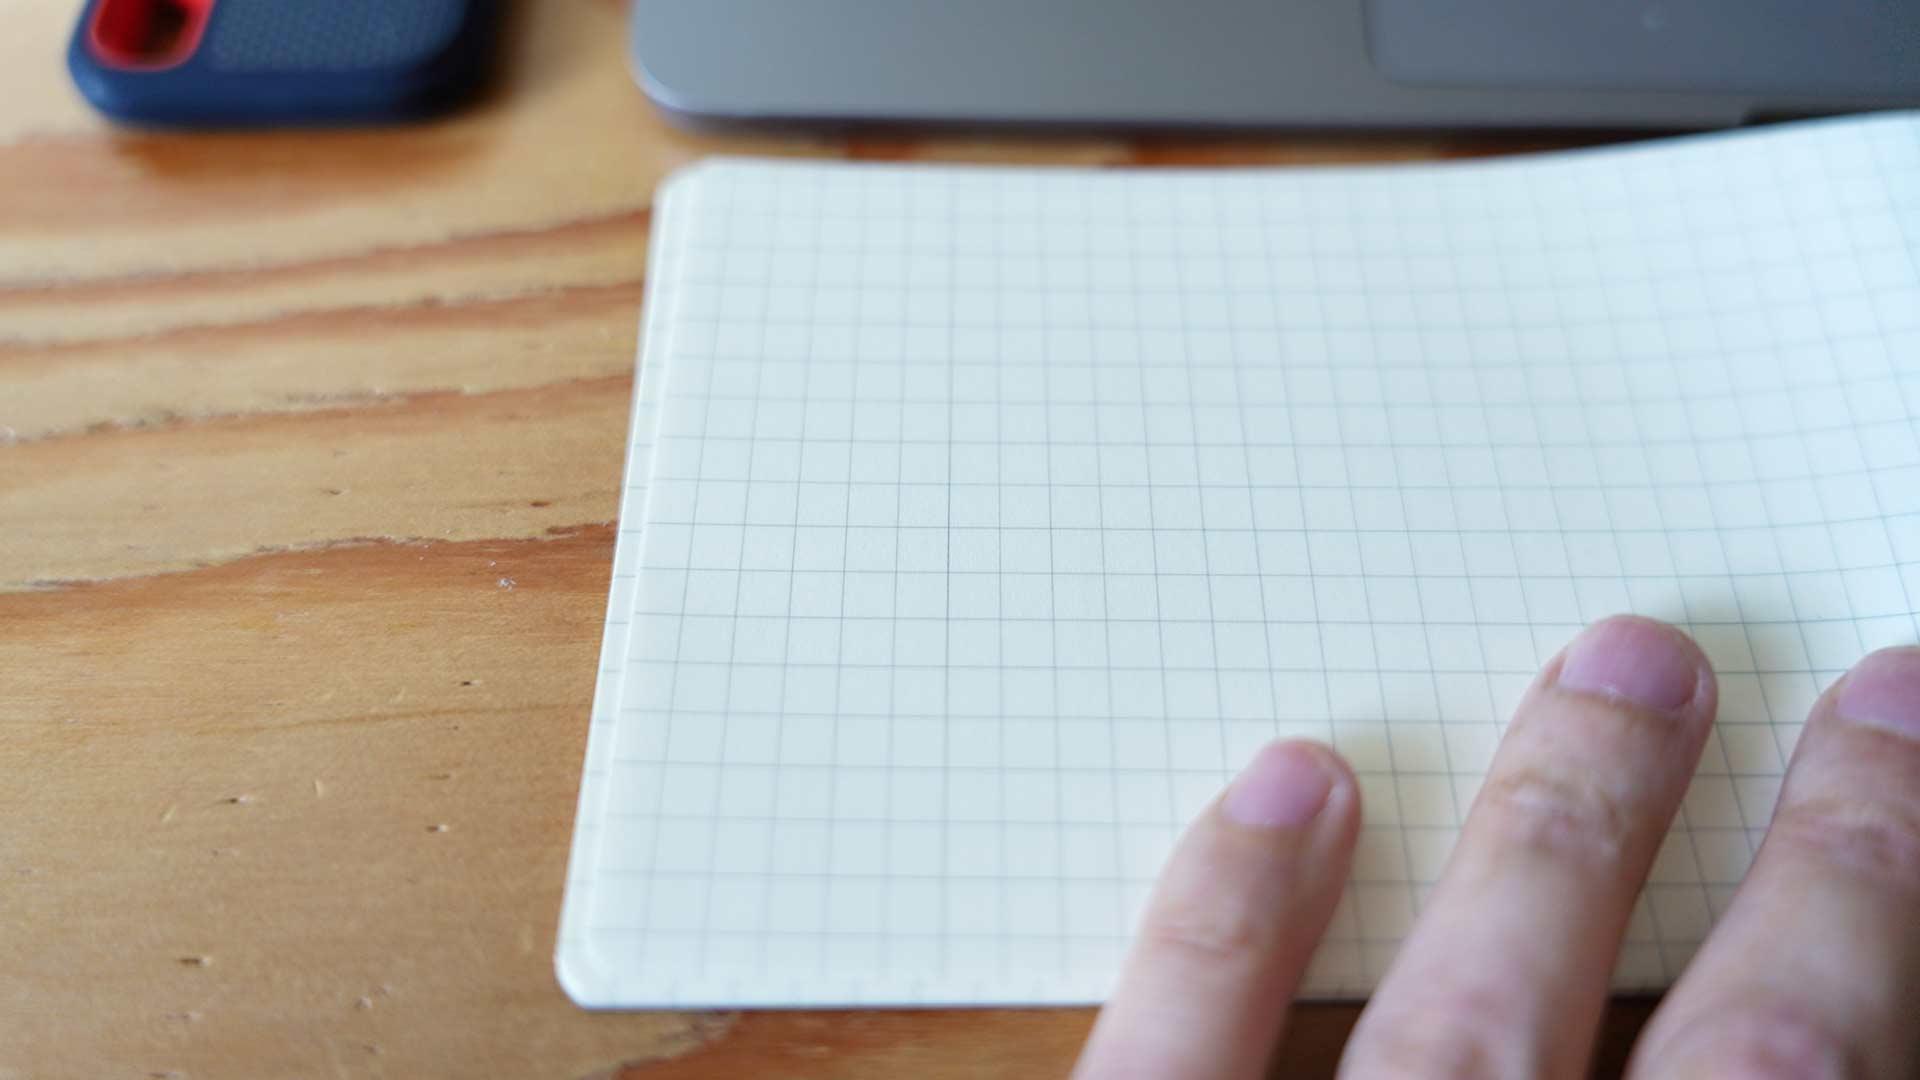 ノート,テレワーク,会議,grid,グリッド,PC用ノート,横型,スケジュール,コンポジション